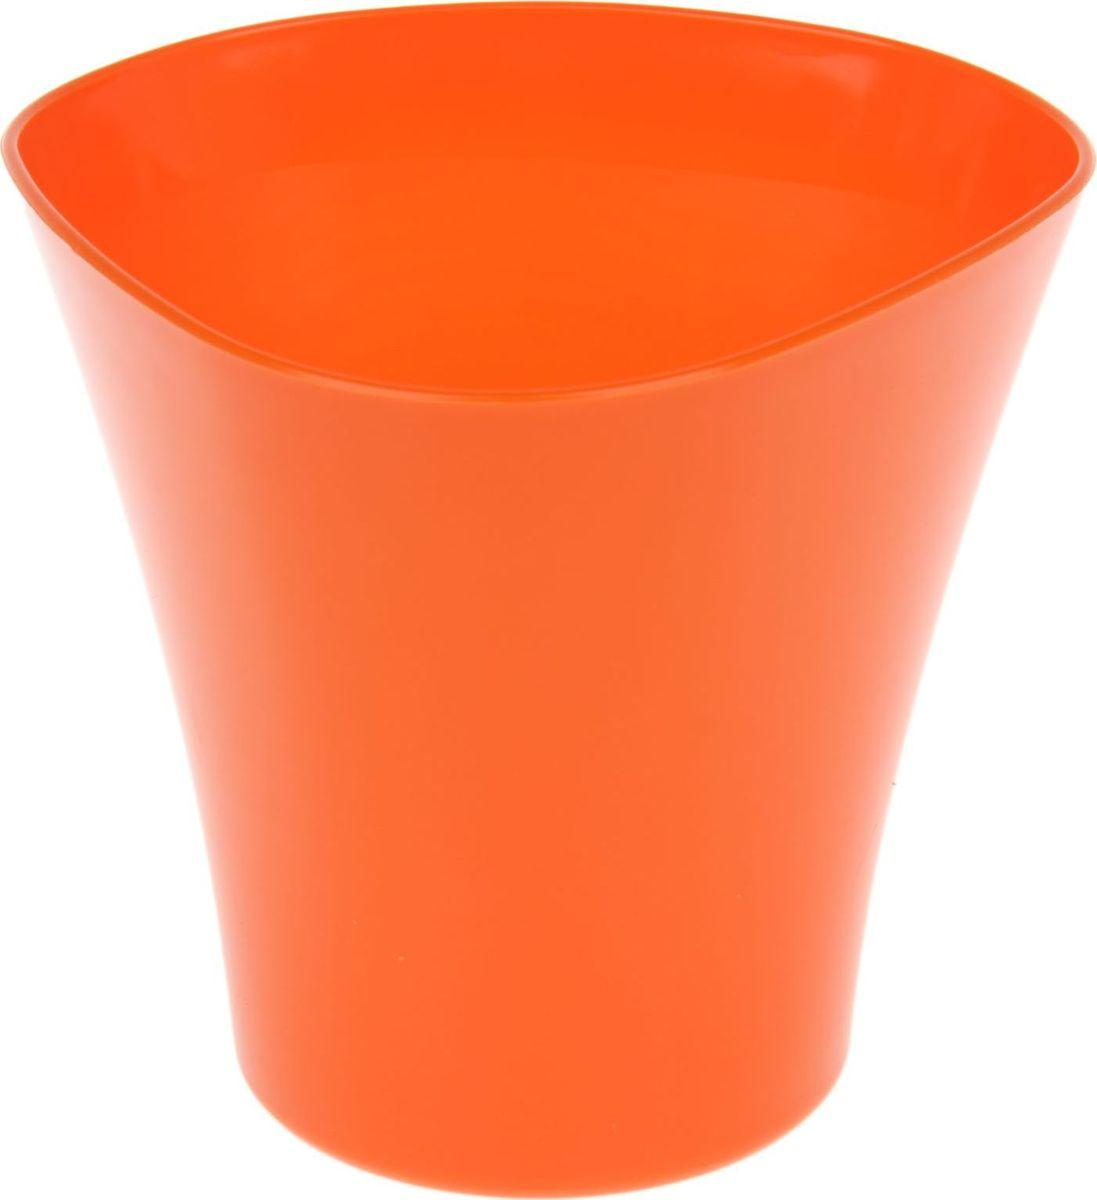 Кашпо JetPlast Волна, цвет: оранжевый, 1,5 л531-301Кашпо Волна имеет уникальную форму, сочетающуюся как с классическим, так и с современным дизайном интерьера. Оно изготовлено из прочного полипропилена (пластика) и предназначено для выращивания растений, цветов и трав в домашних условиях. Такое кашпо порадует вас функциональностью, а благодаря лаконичному дизайну впишется в любой интерьер помещения. Объем кашпо: 1,5 л.